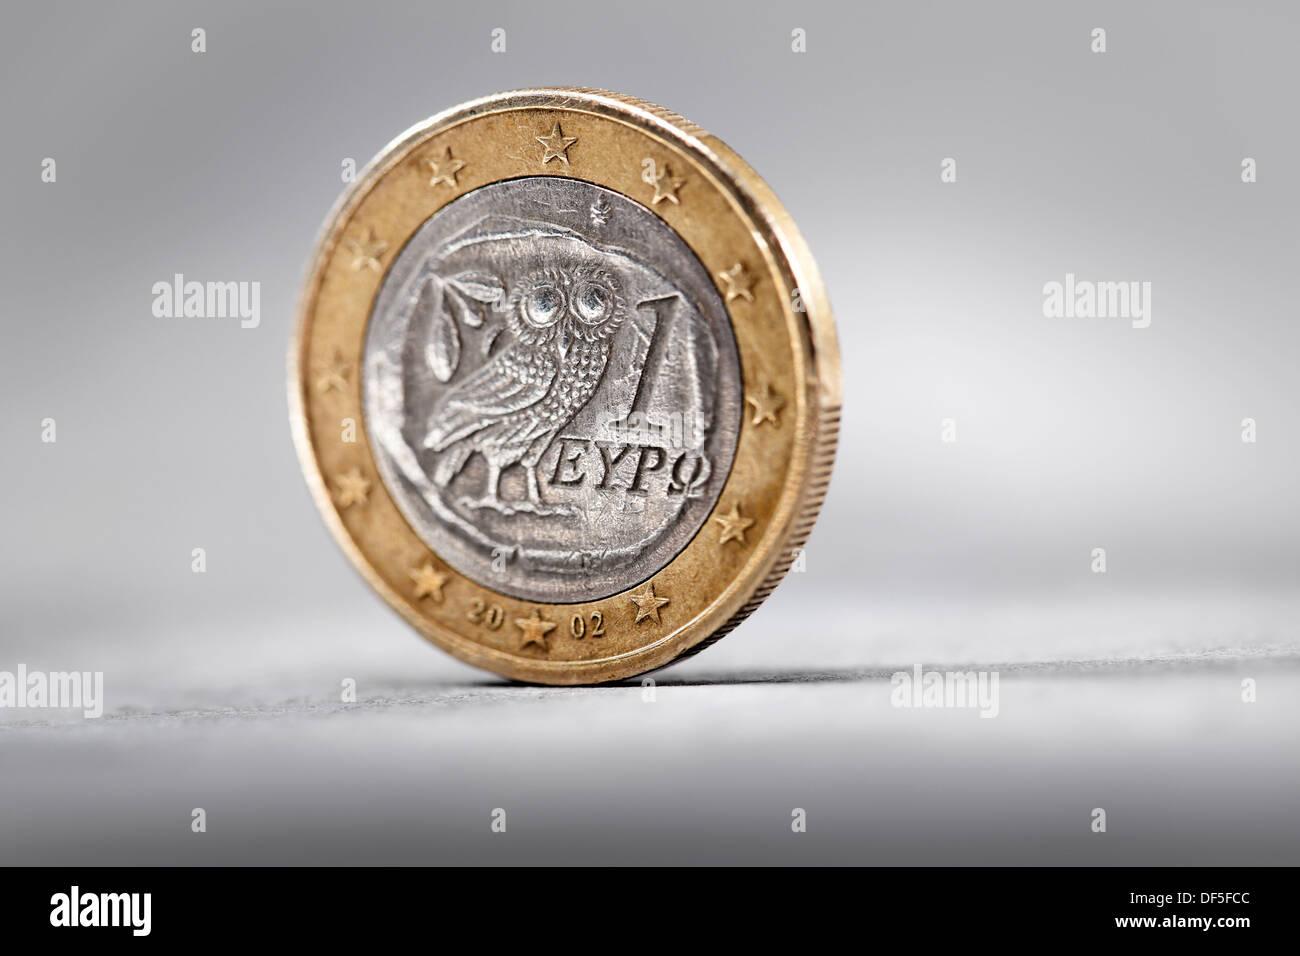 Griechischen 1-Euro-Münze auf grauem Hintergrund. Stockbild